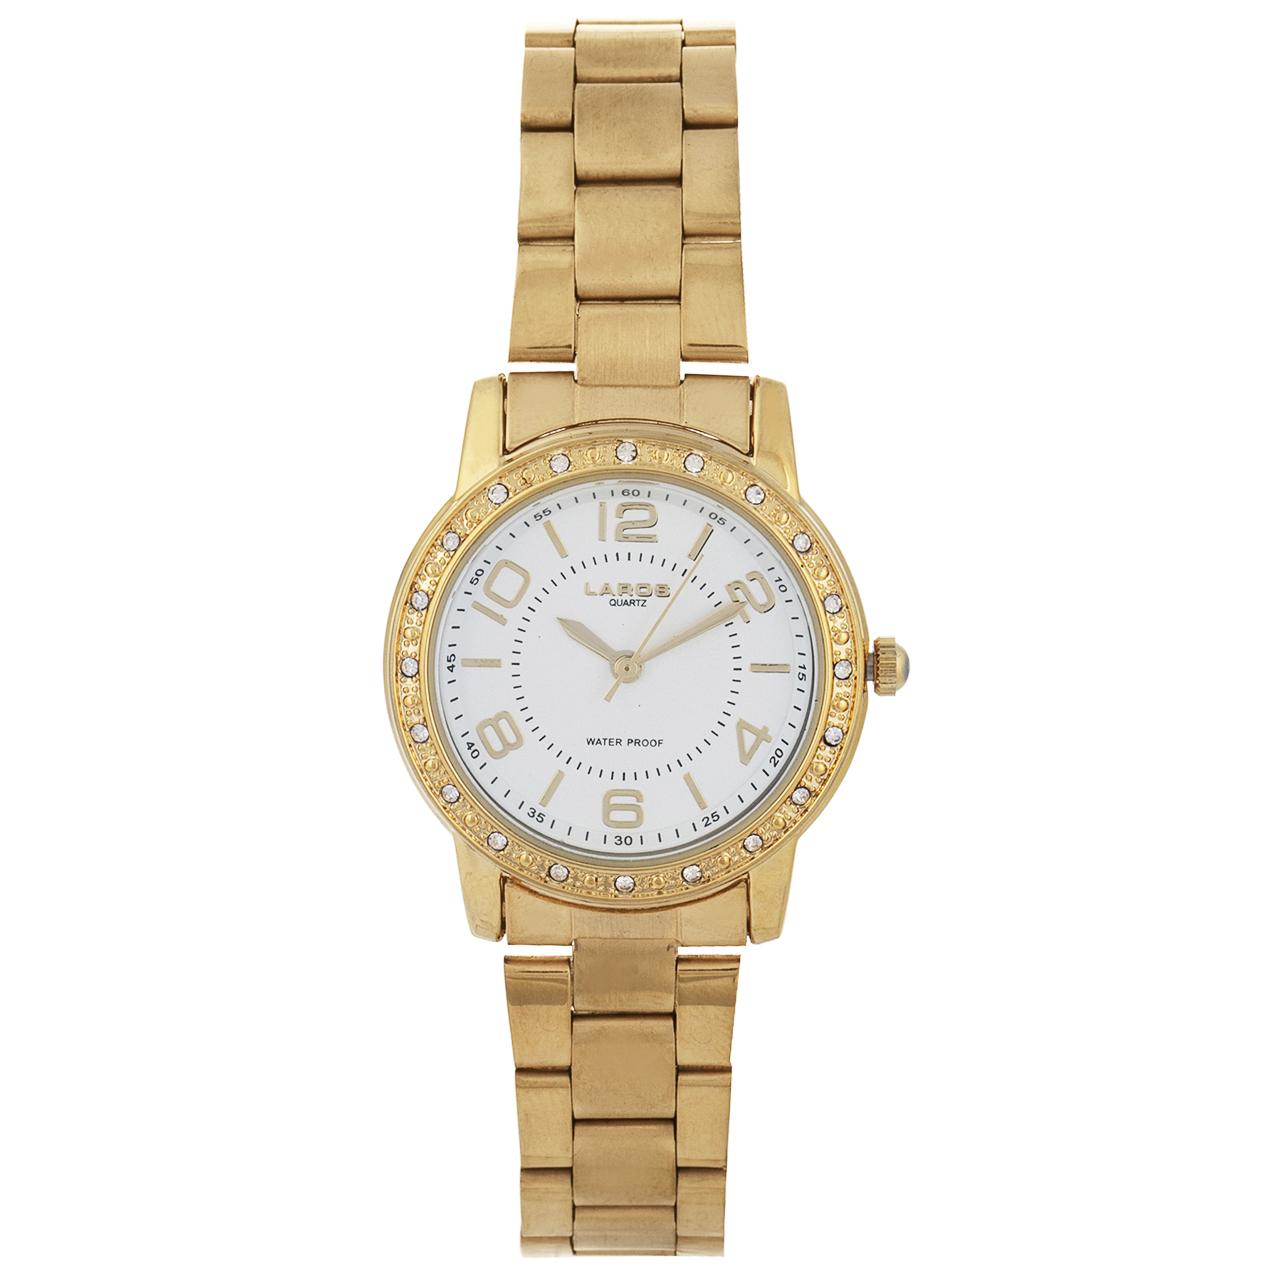 خرید ساعت مچی عقربه ای زنانه لاروس مدل 041779822